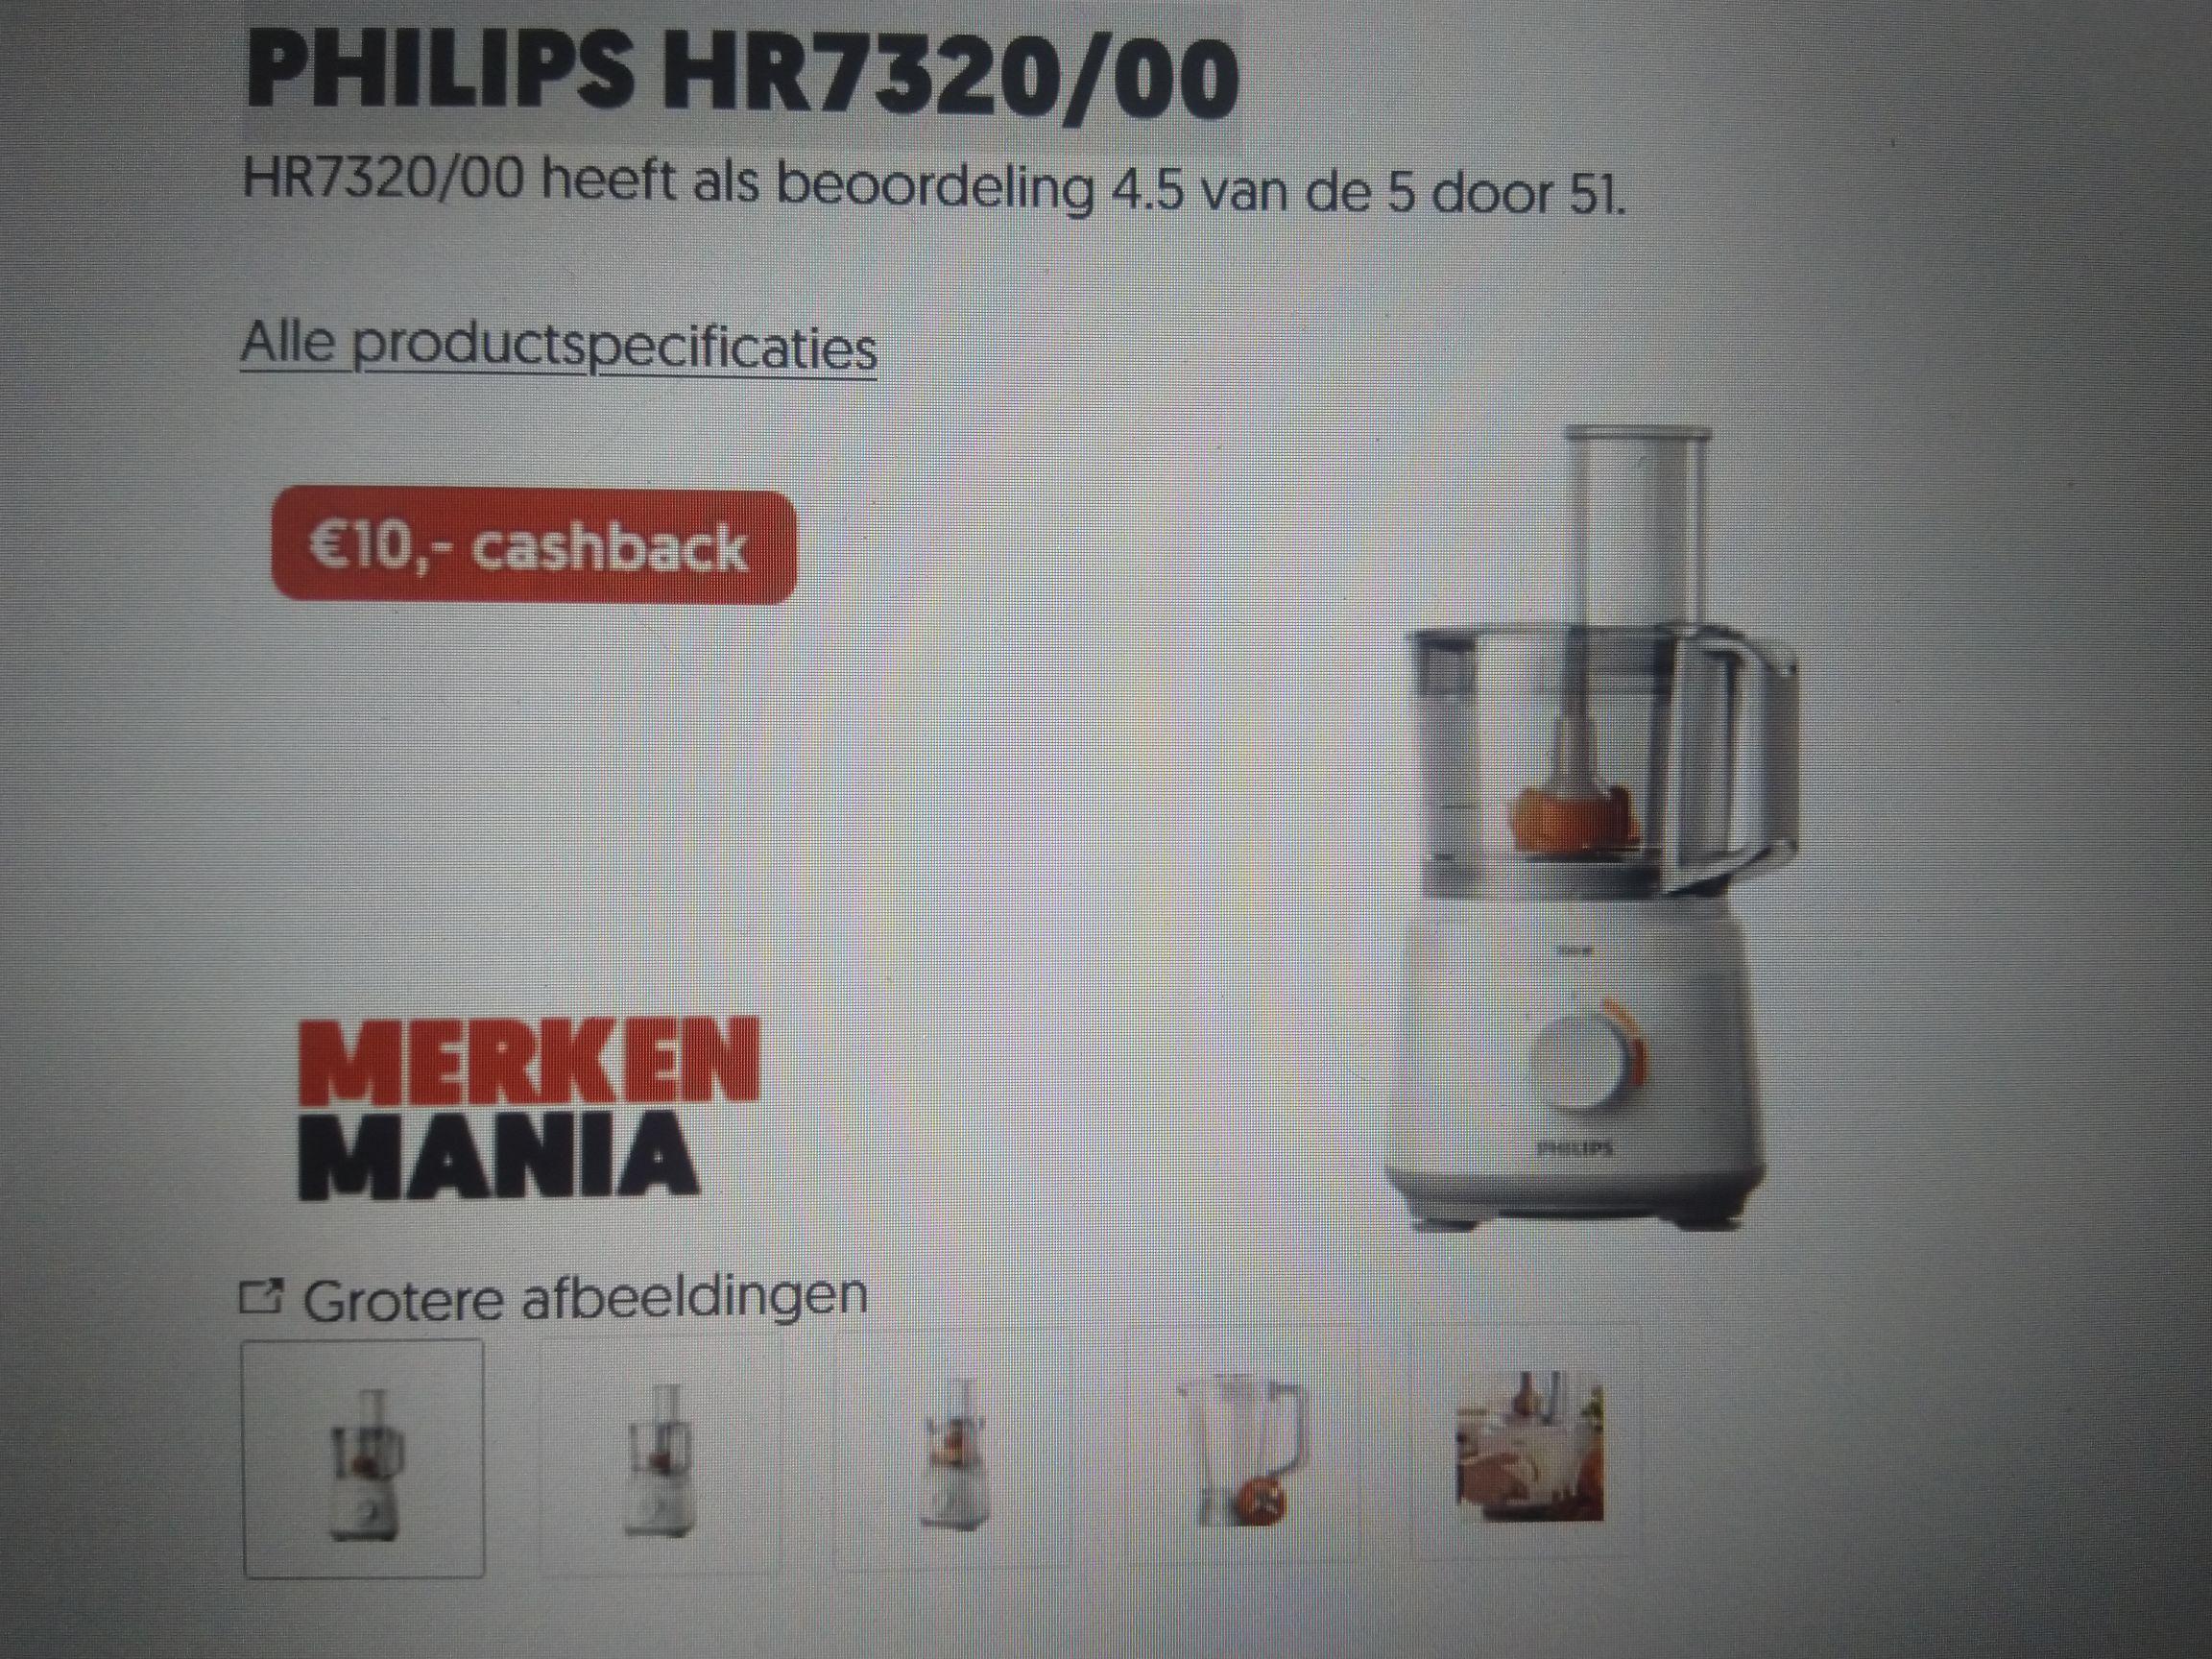 Foodprocessor Philips (PHILIPS HR7320/00) afgeprijsd + cashback